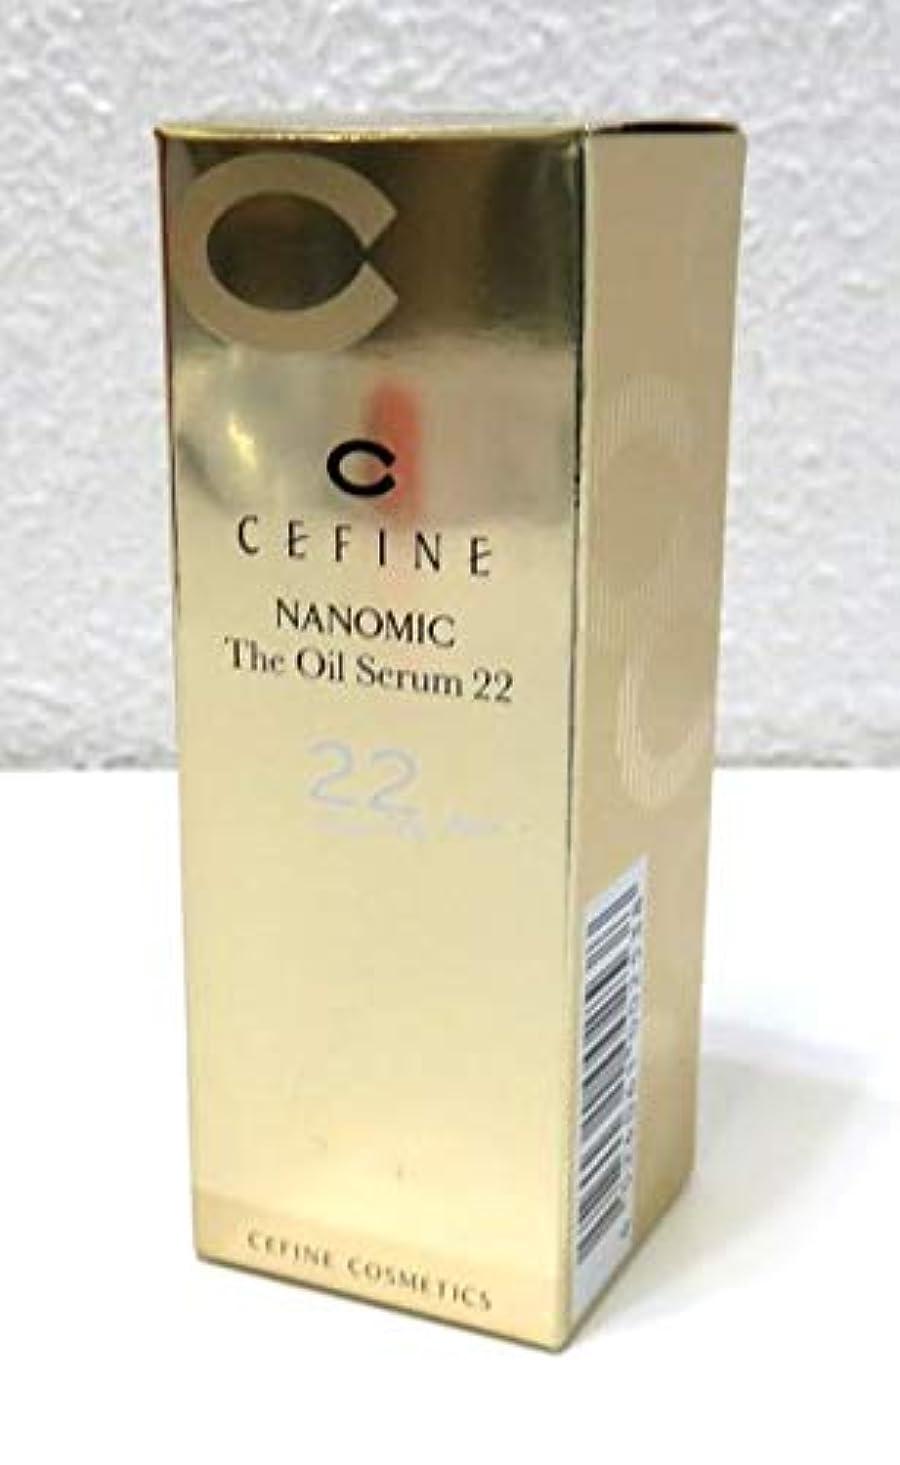 チャールズキージング飲み込む円周セフィーヌ ナノミック ザ?オイルセラム 22 (オイル状美容液) 20ml